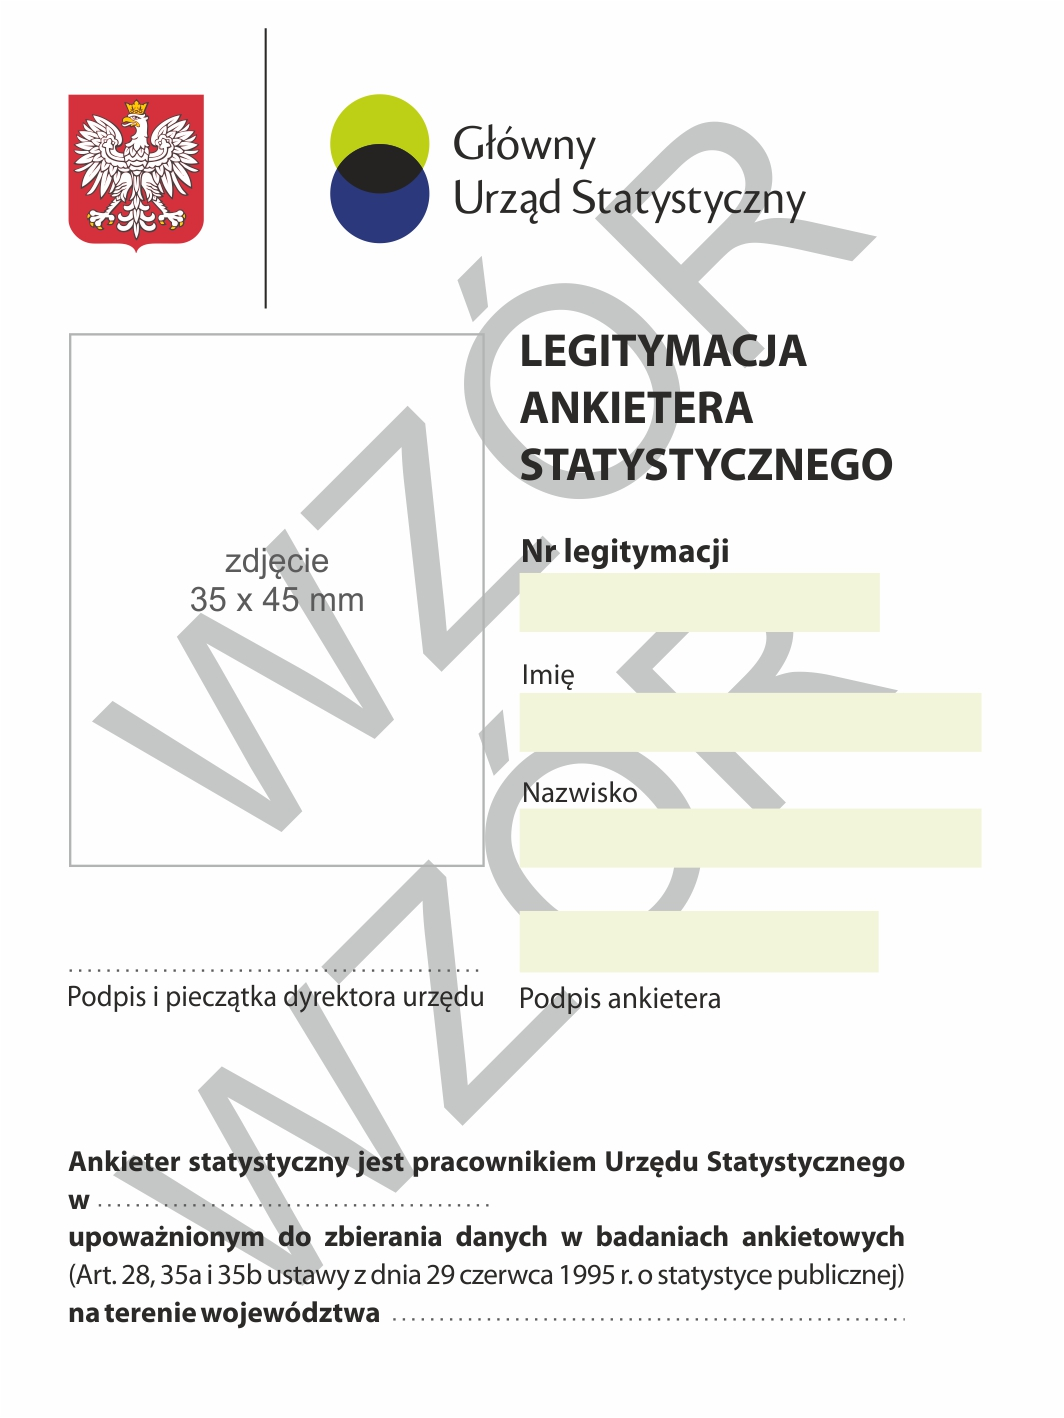 Wzór legitymacji ankietera uzupełniającego